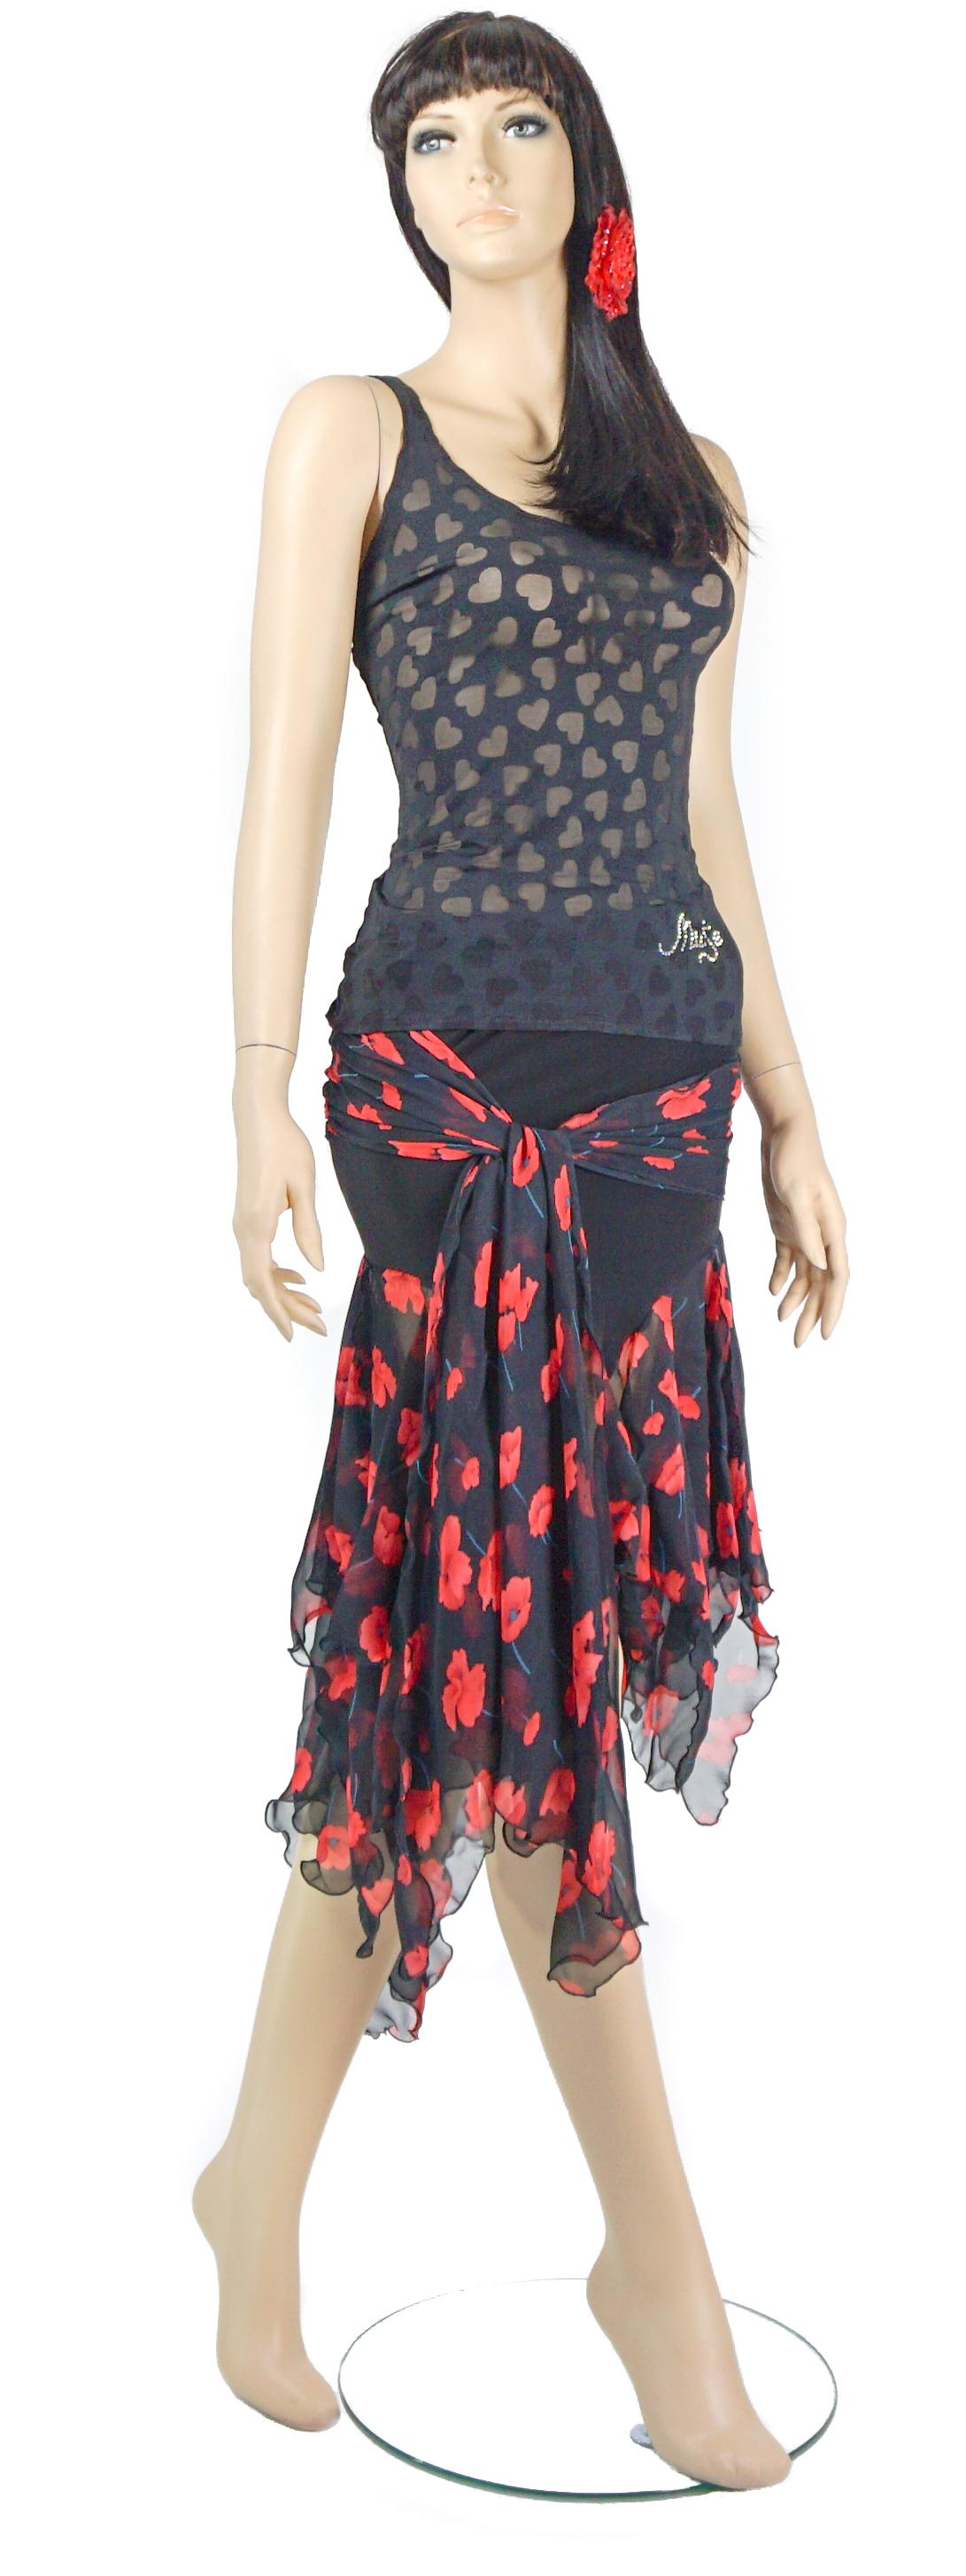 Top-$50 Skirt-$100